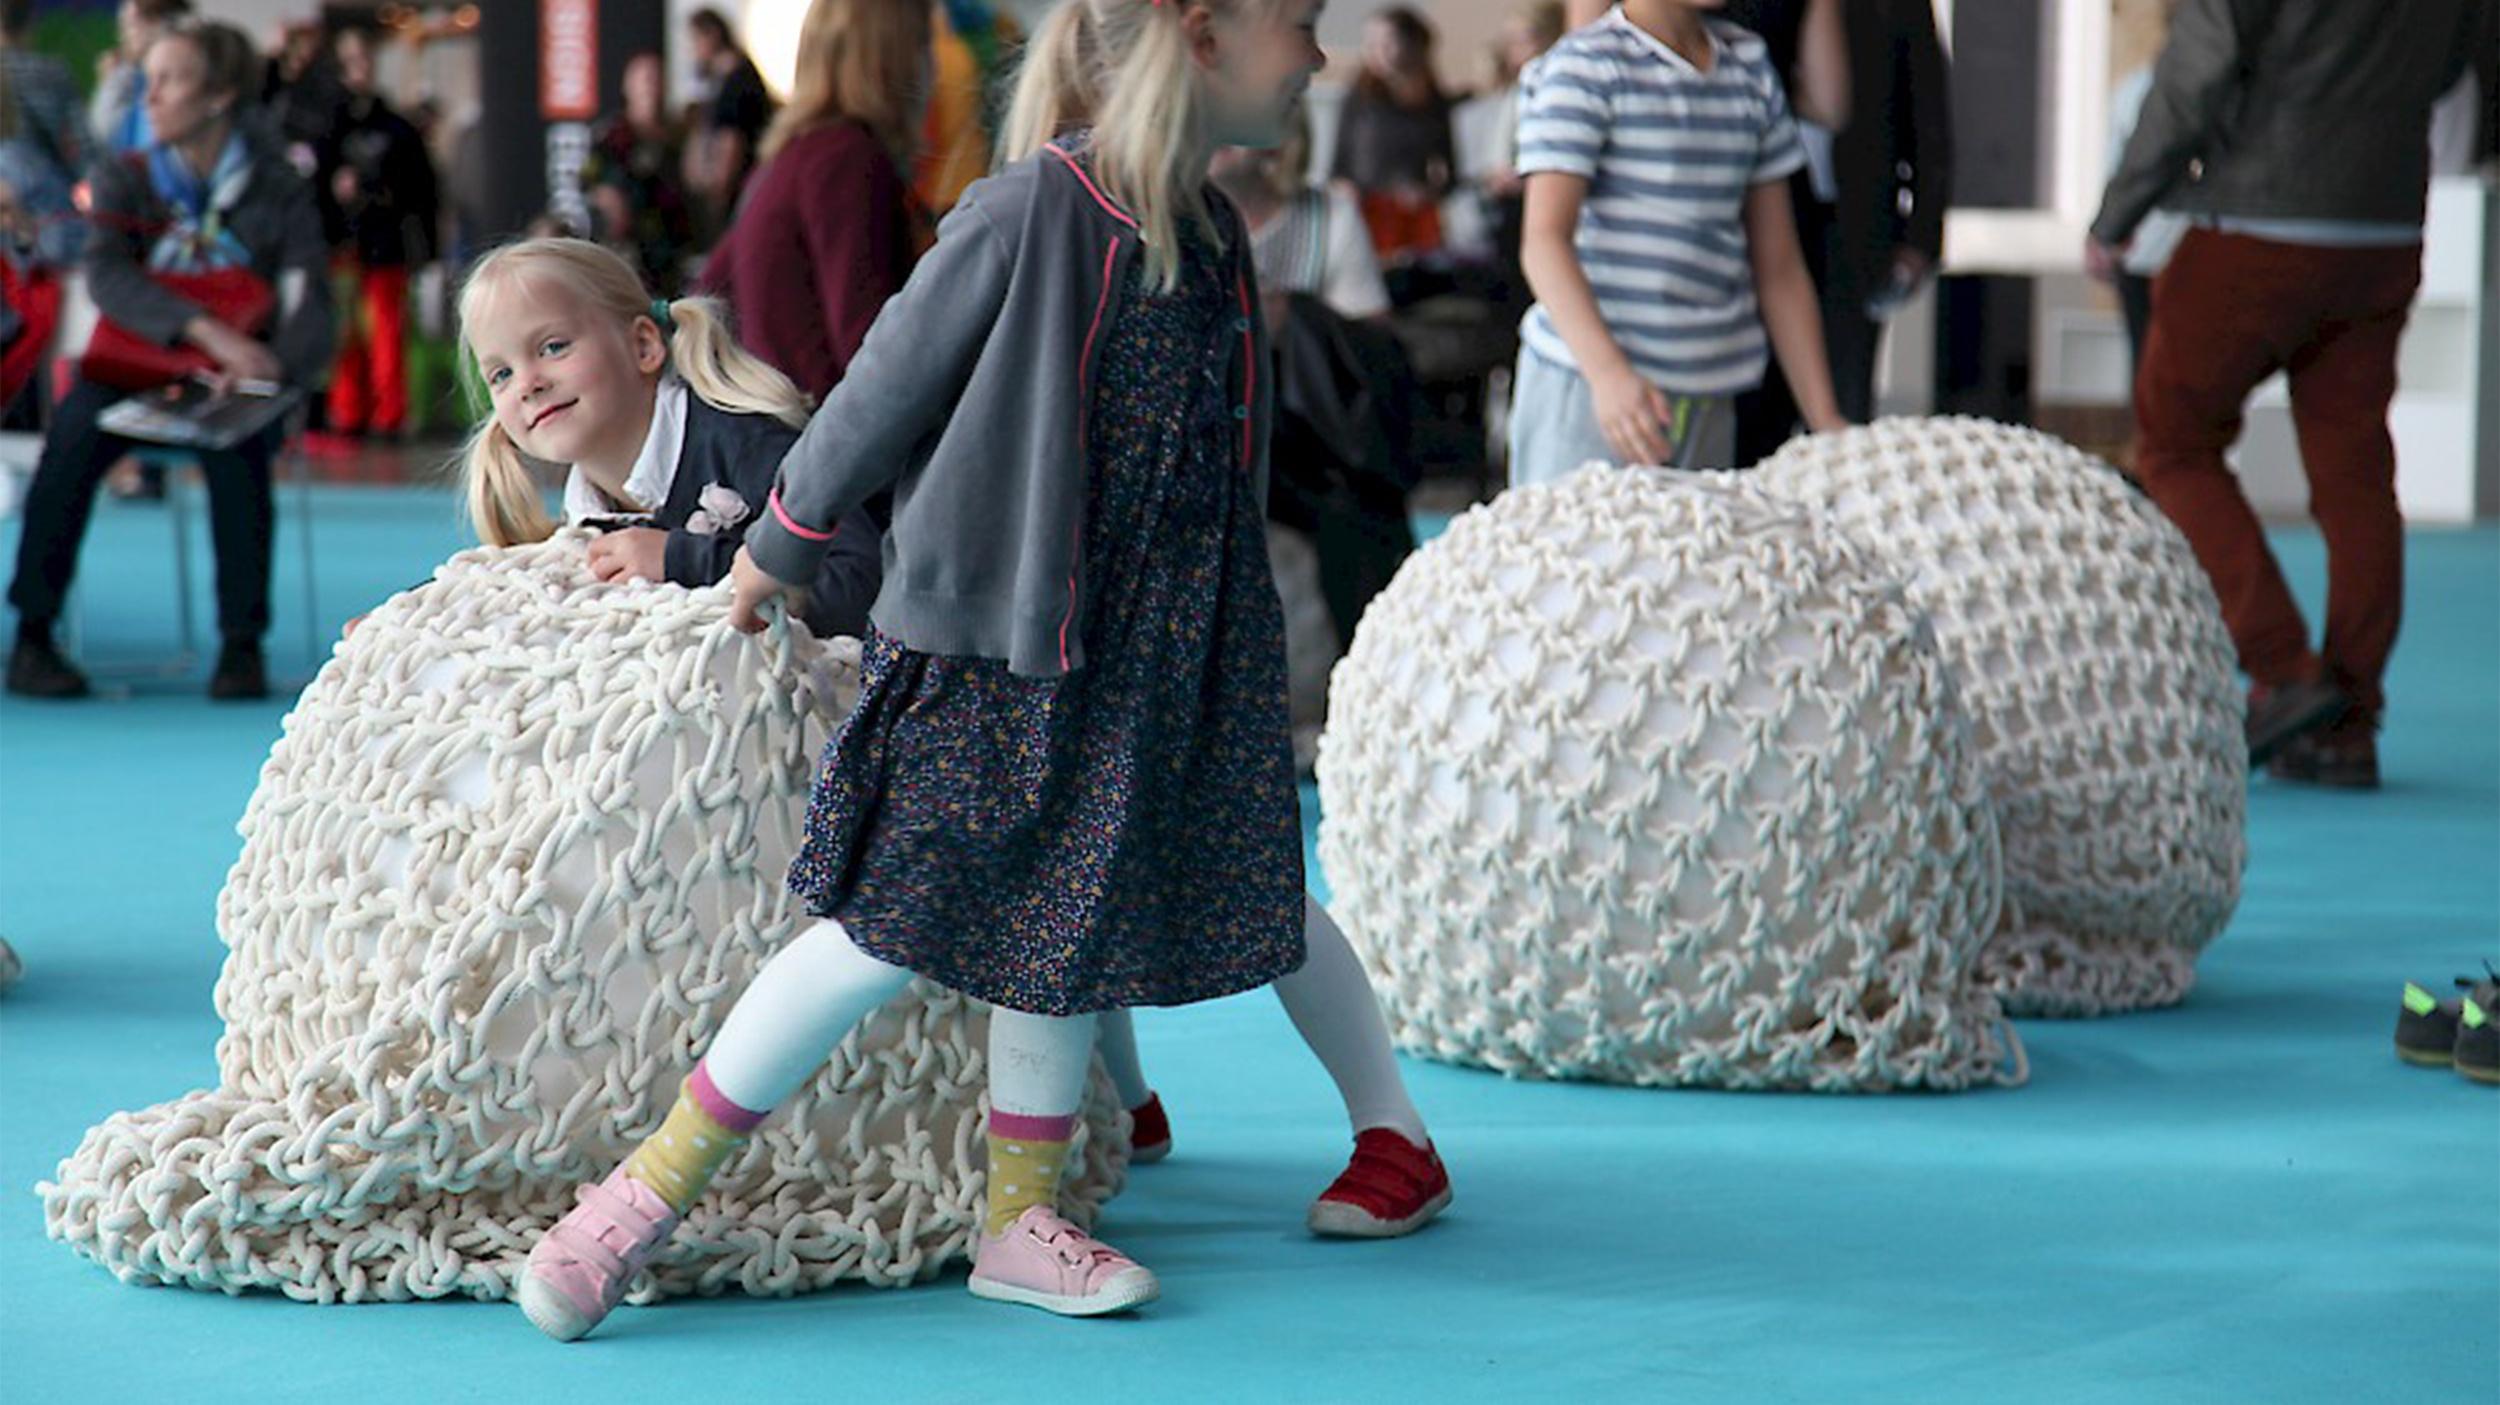 Lapset kiinnostuivat Habitaren sateenvarjoinstallaatioon kuuluvista tyynyistä.